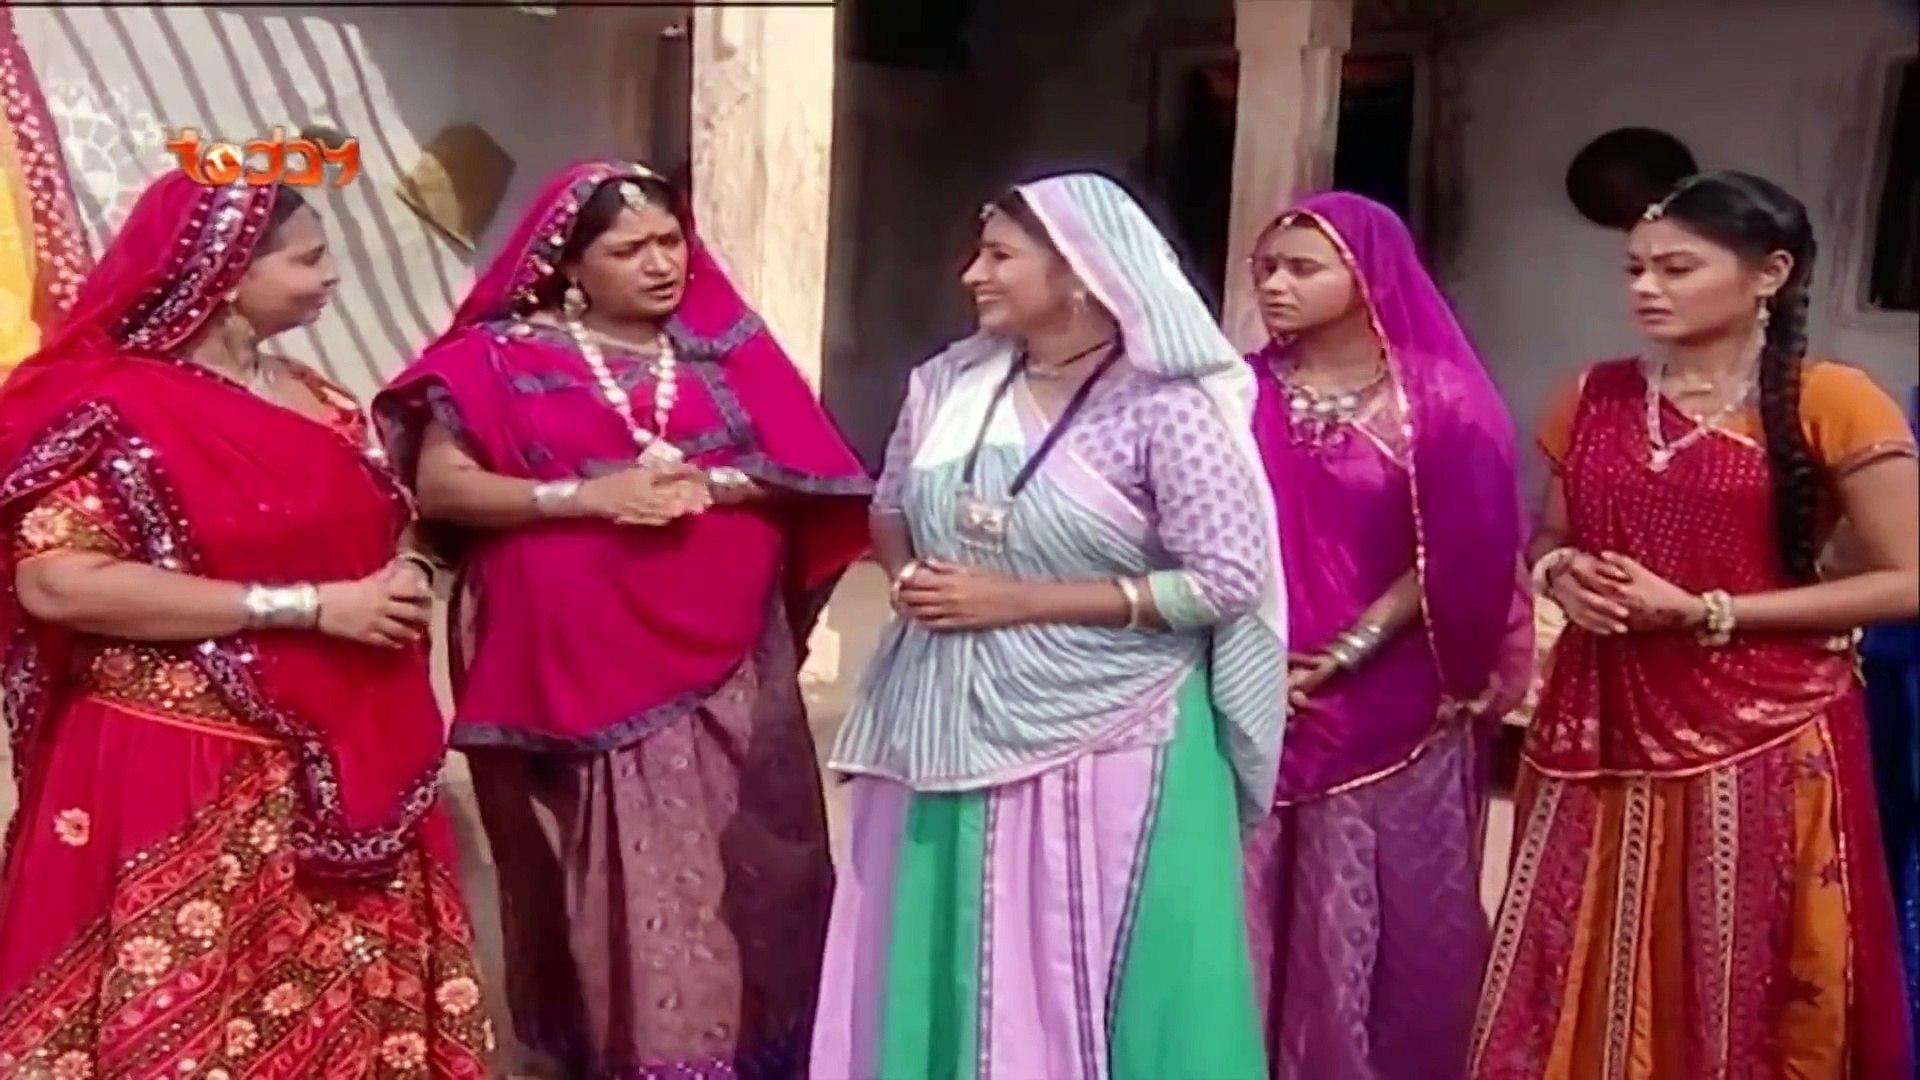 Nỗi Lòng Nàng Dâu (Tập 18- Phần 2) - Phim Bộ Tình Cảm Ấn Độ Hay 2018 - TodayTV